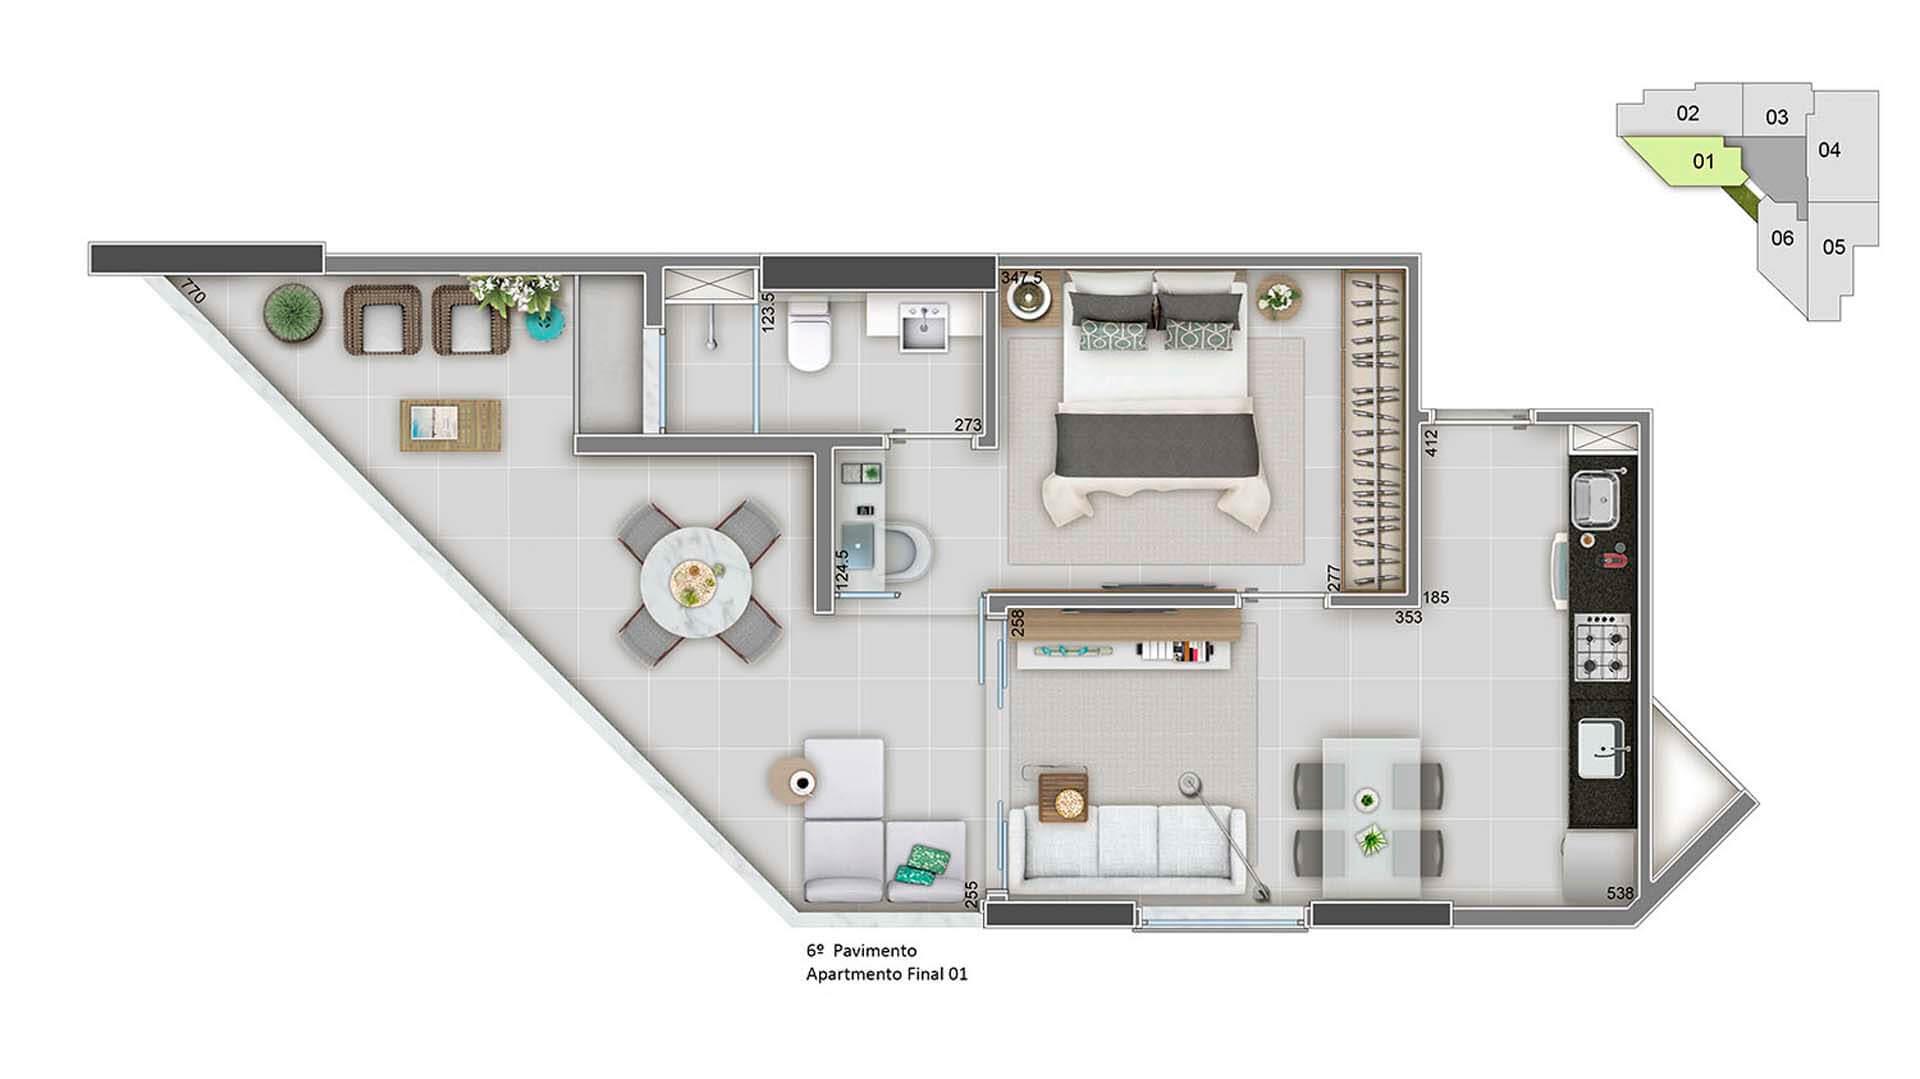 Apartamento Final 01 - 55m²